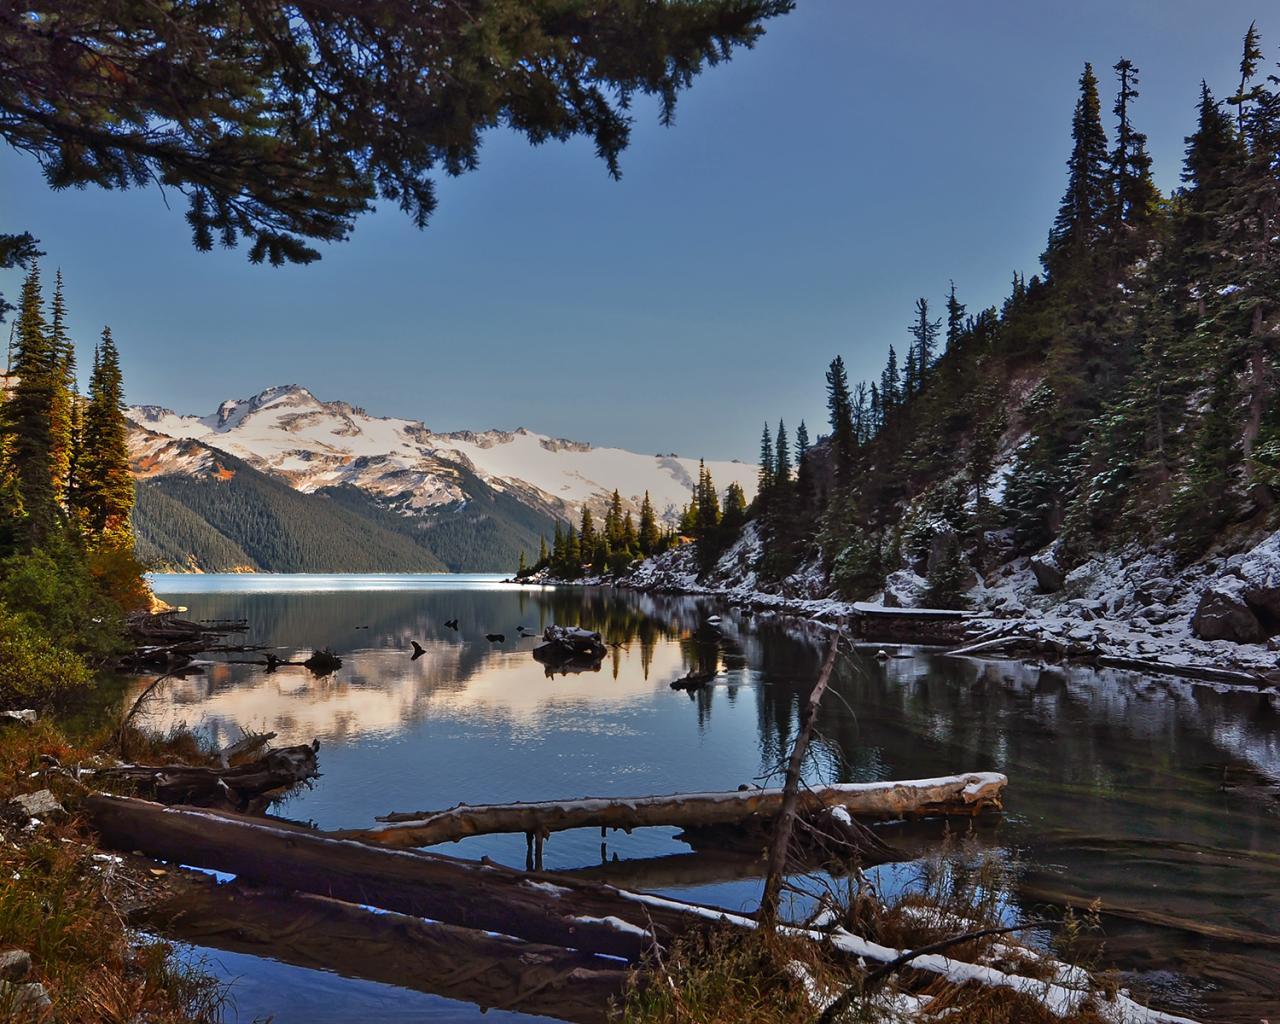 Горы река камни деревья первый снег